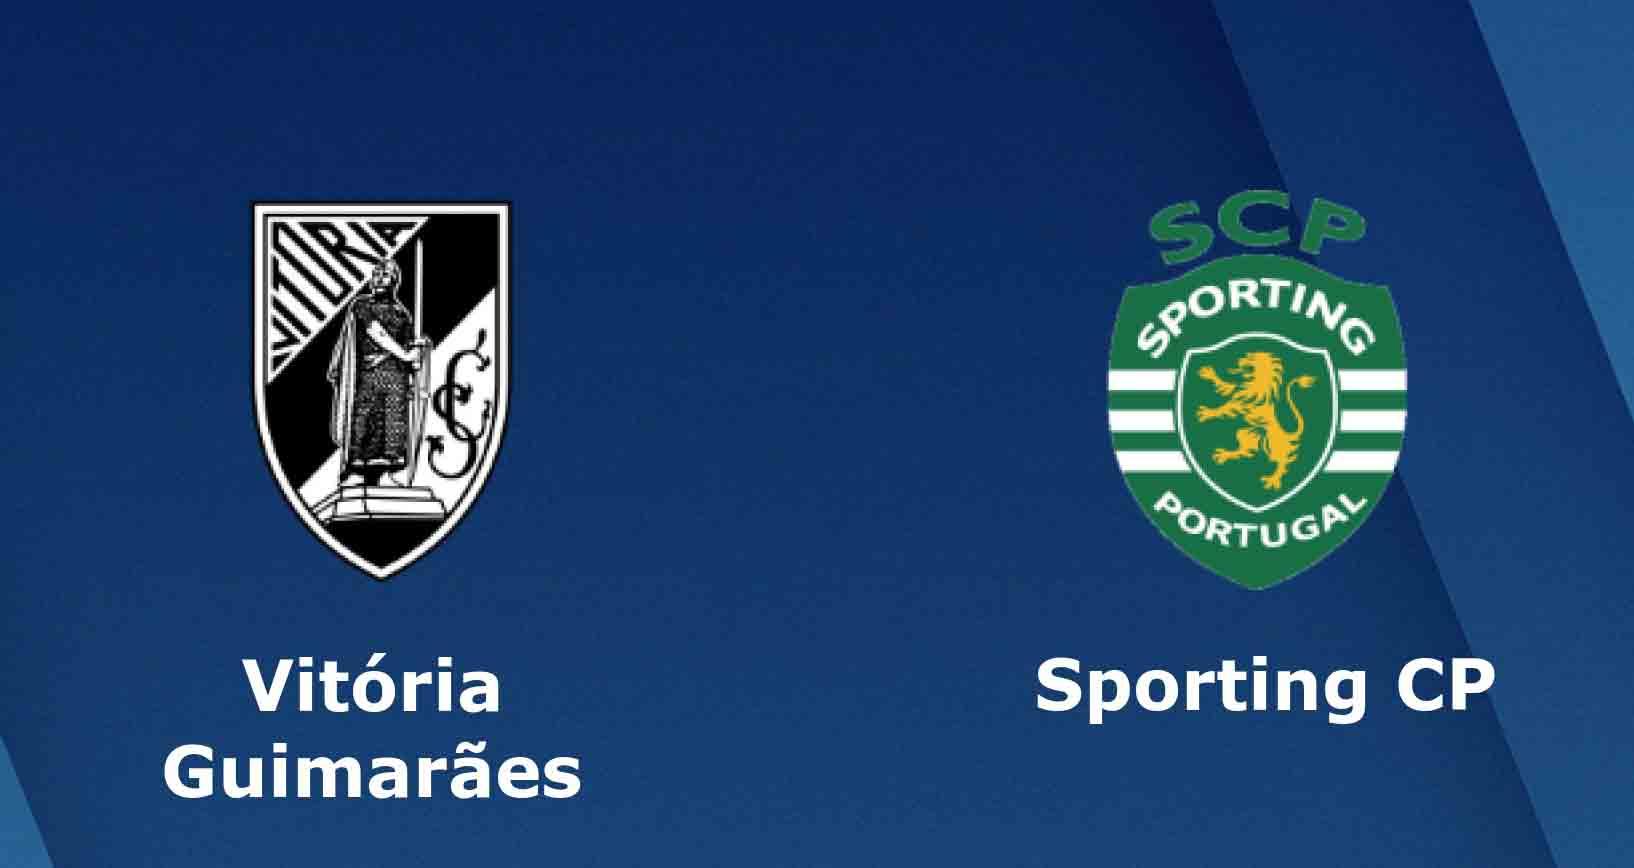 Soi kèo bóng đá Guimaraes vs Sporting CP – 03h15 - 05/06/2020 – Giải VĐQG Bồ Đào Nha